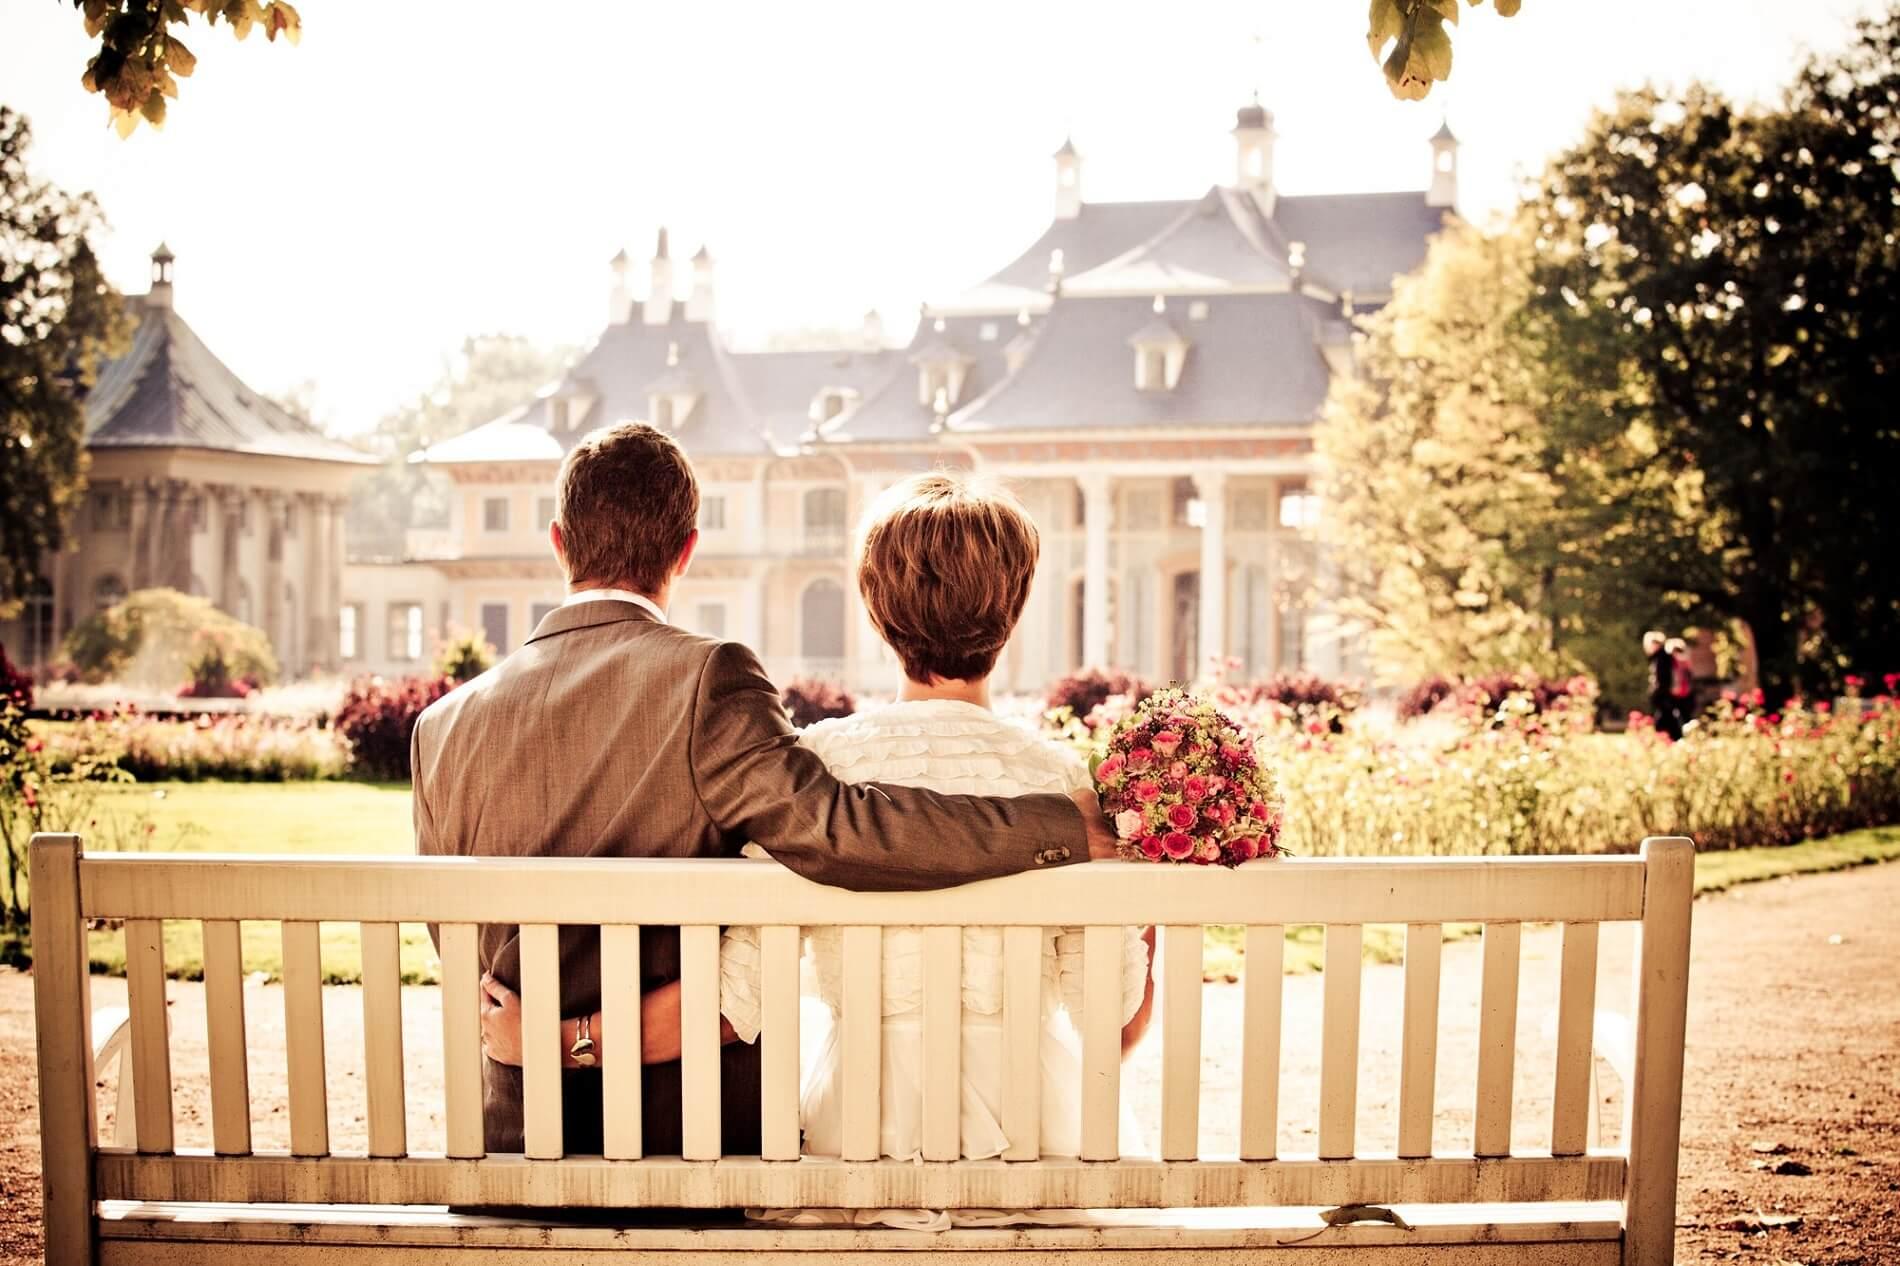 Serwis randkowy na podwórku